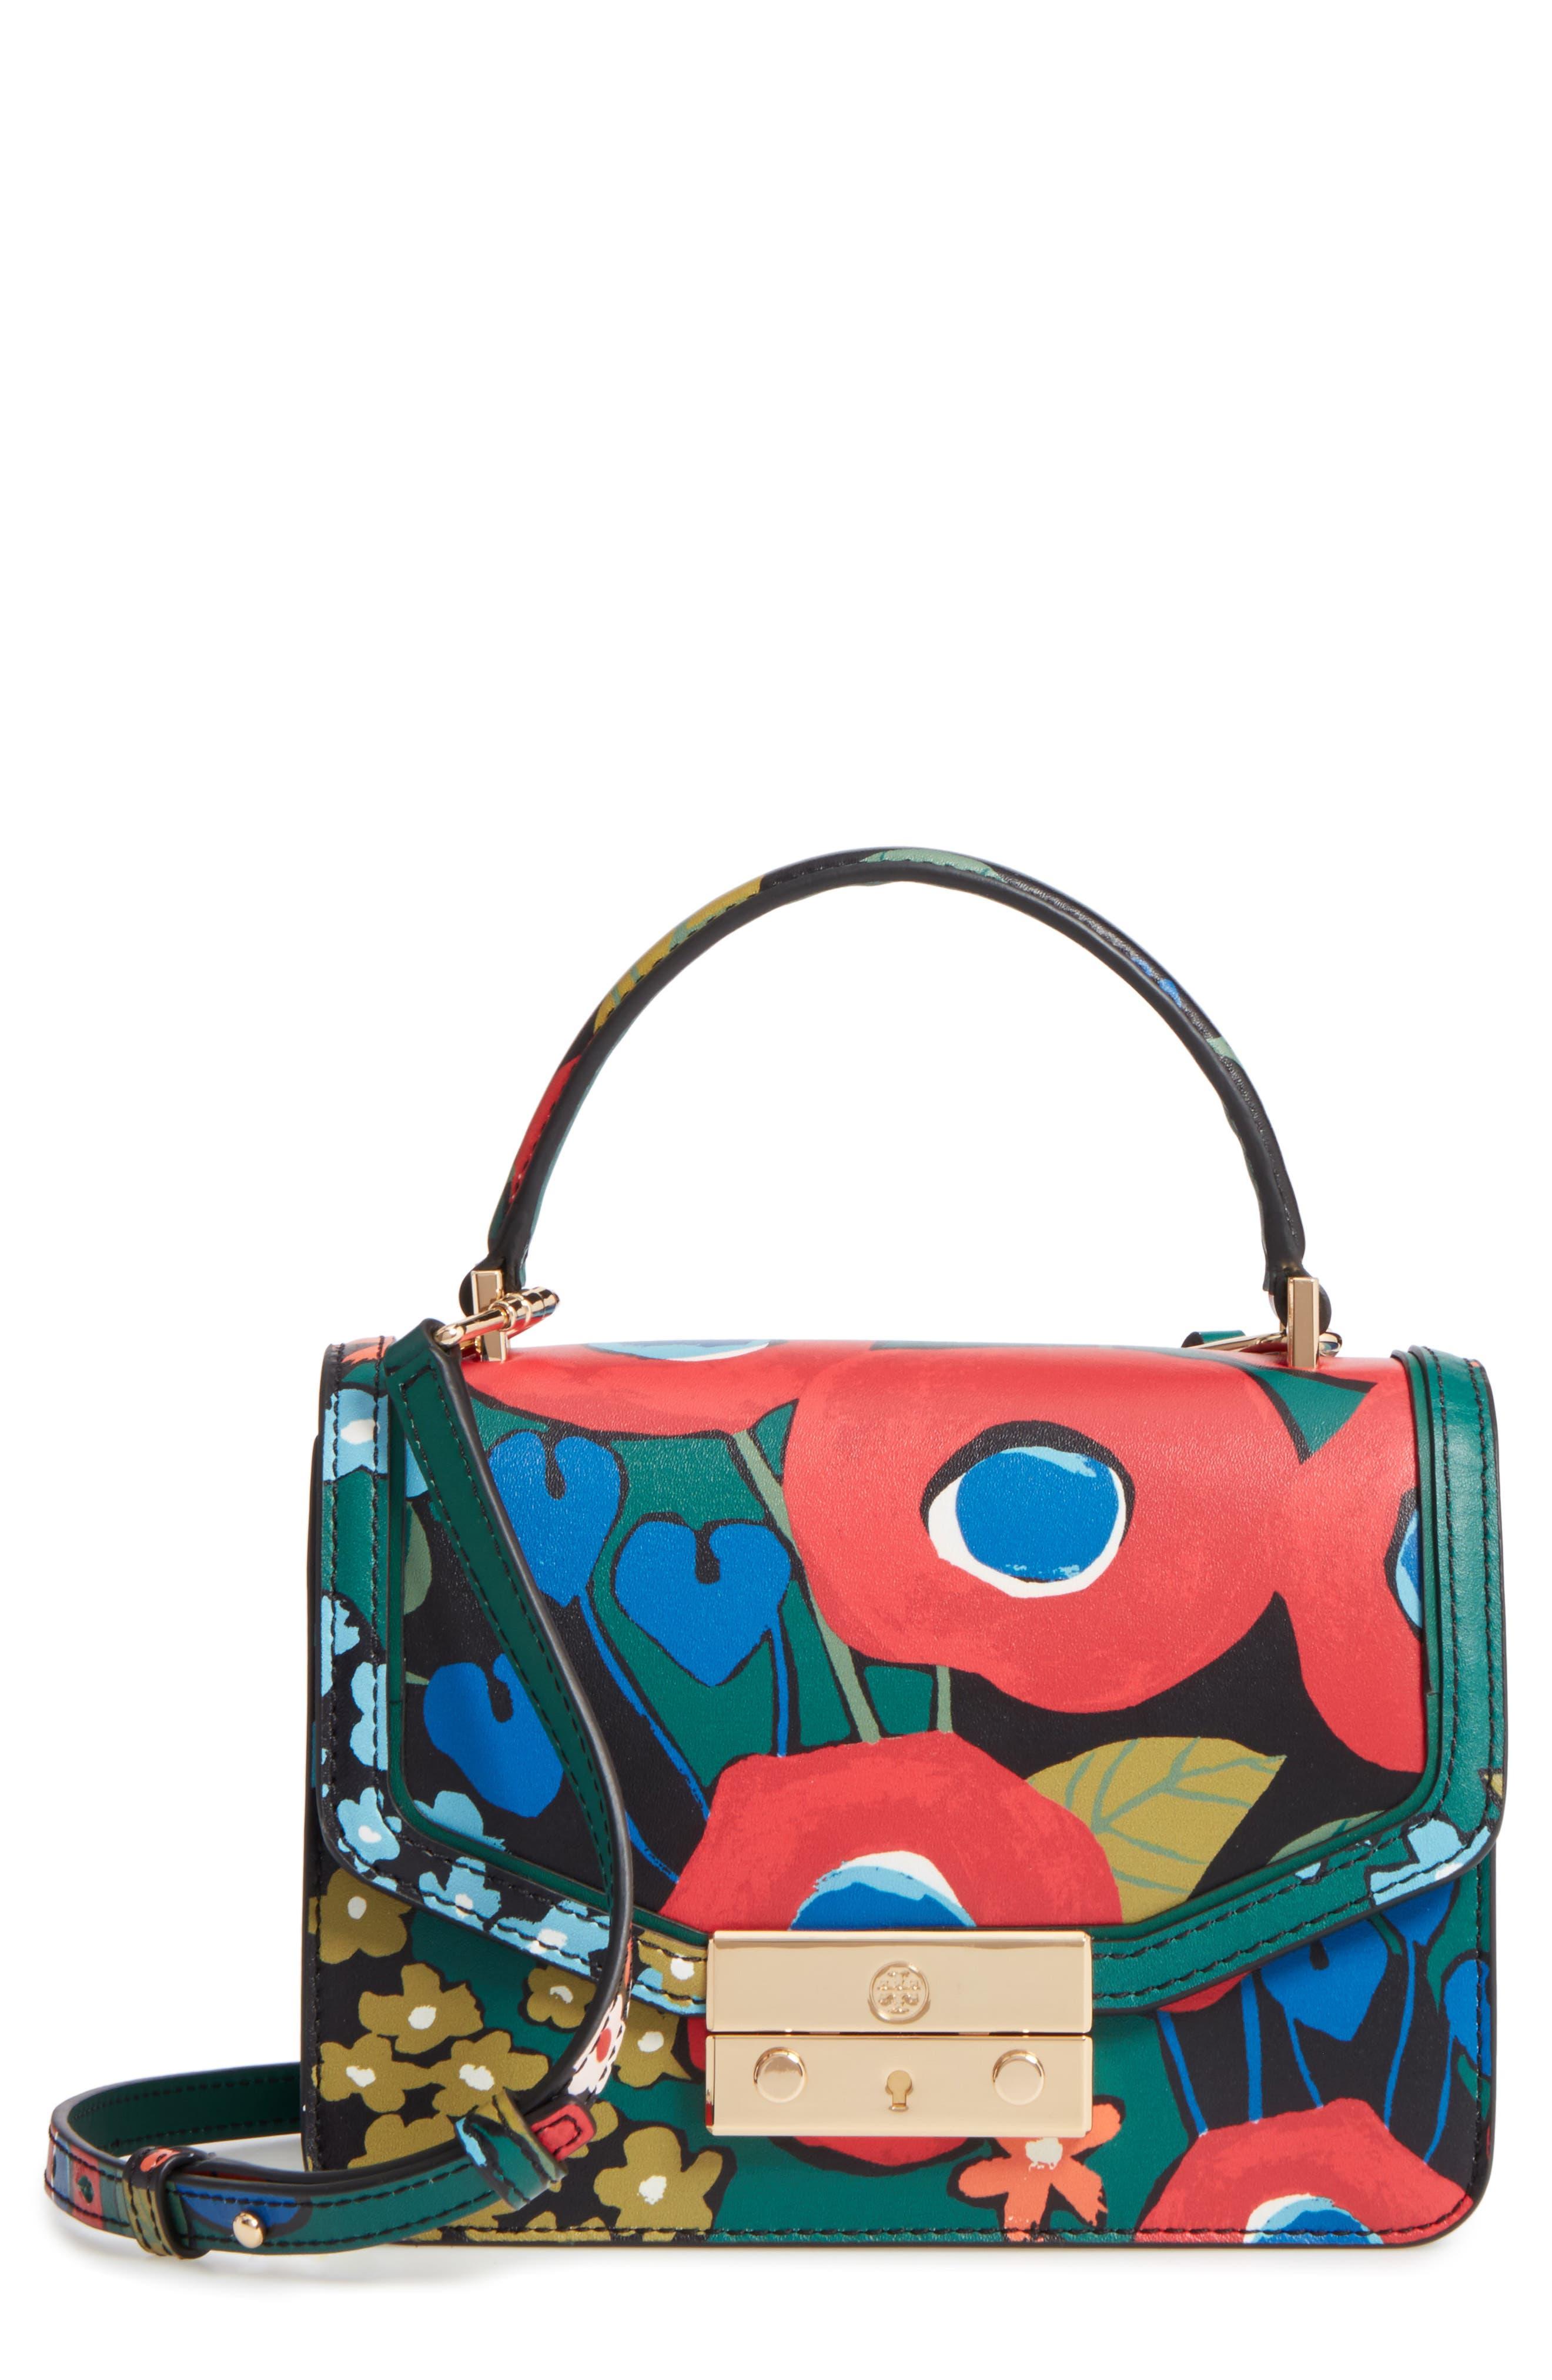 Mini Juliette Leather Top Handle Satchel,                             Main thumbnail 1, color,                             300